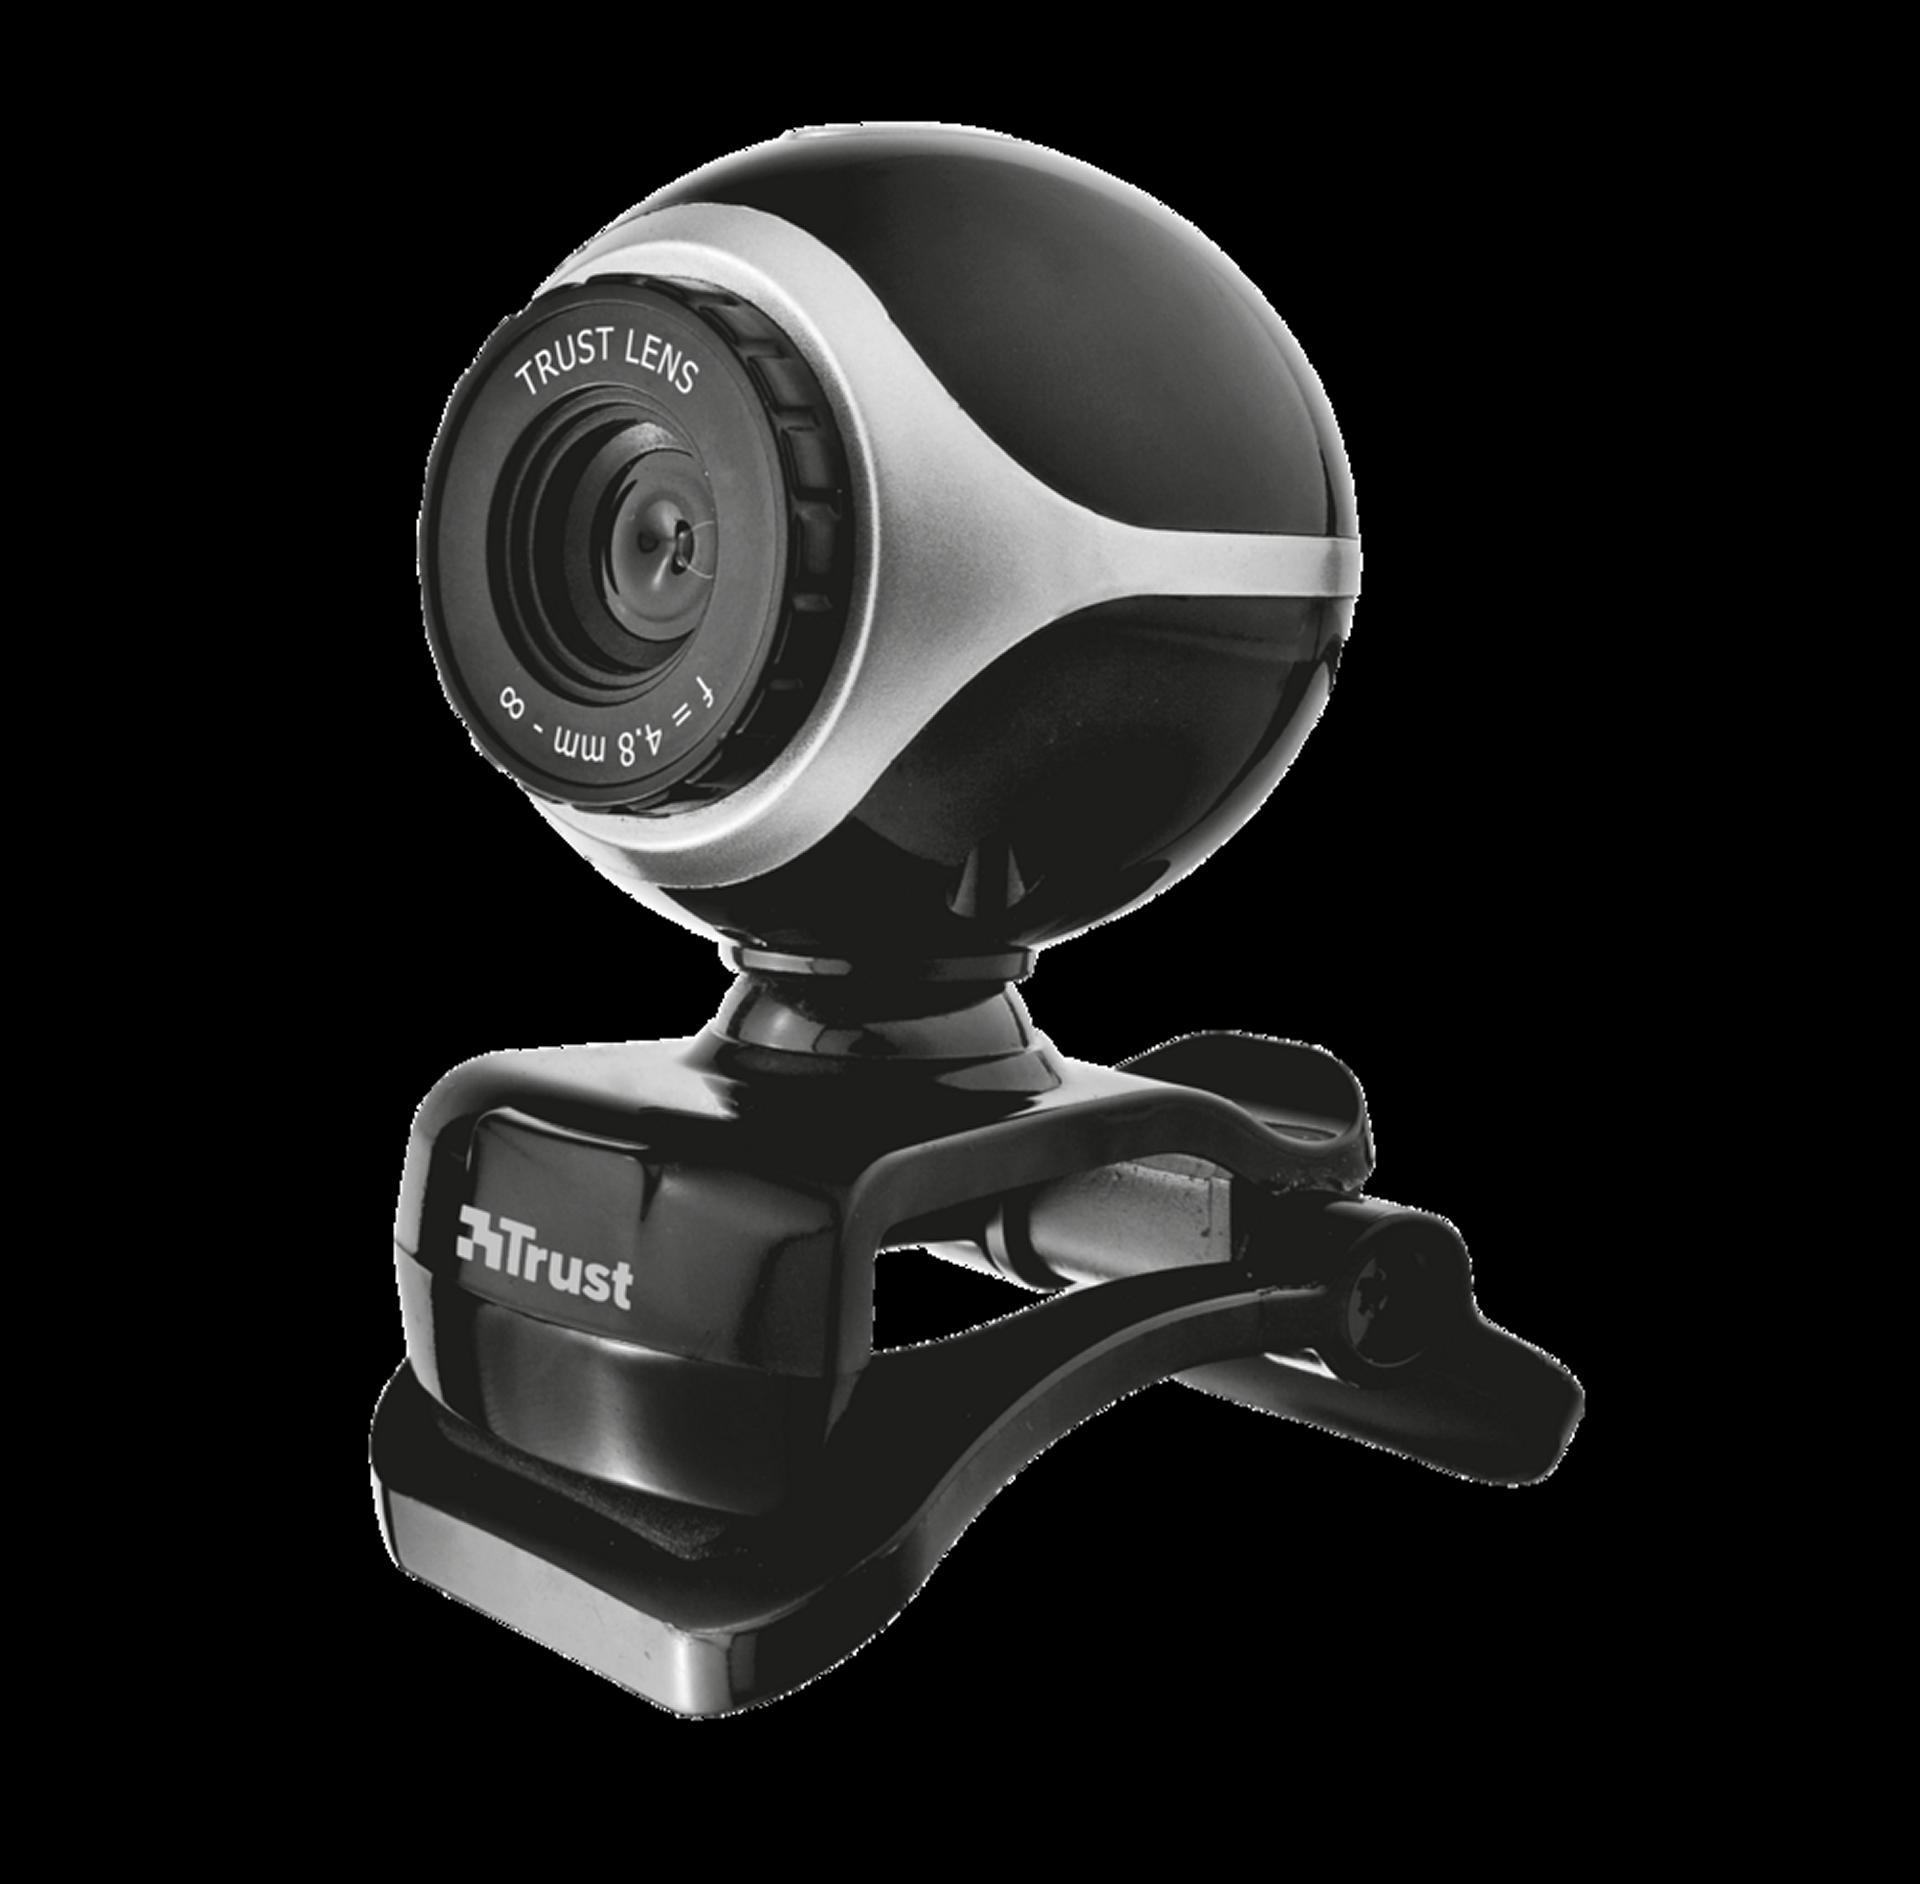 web kamera hanko black